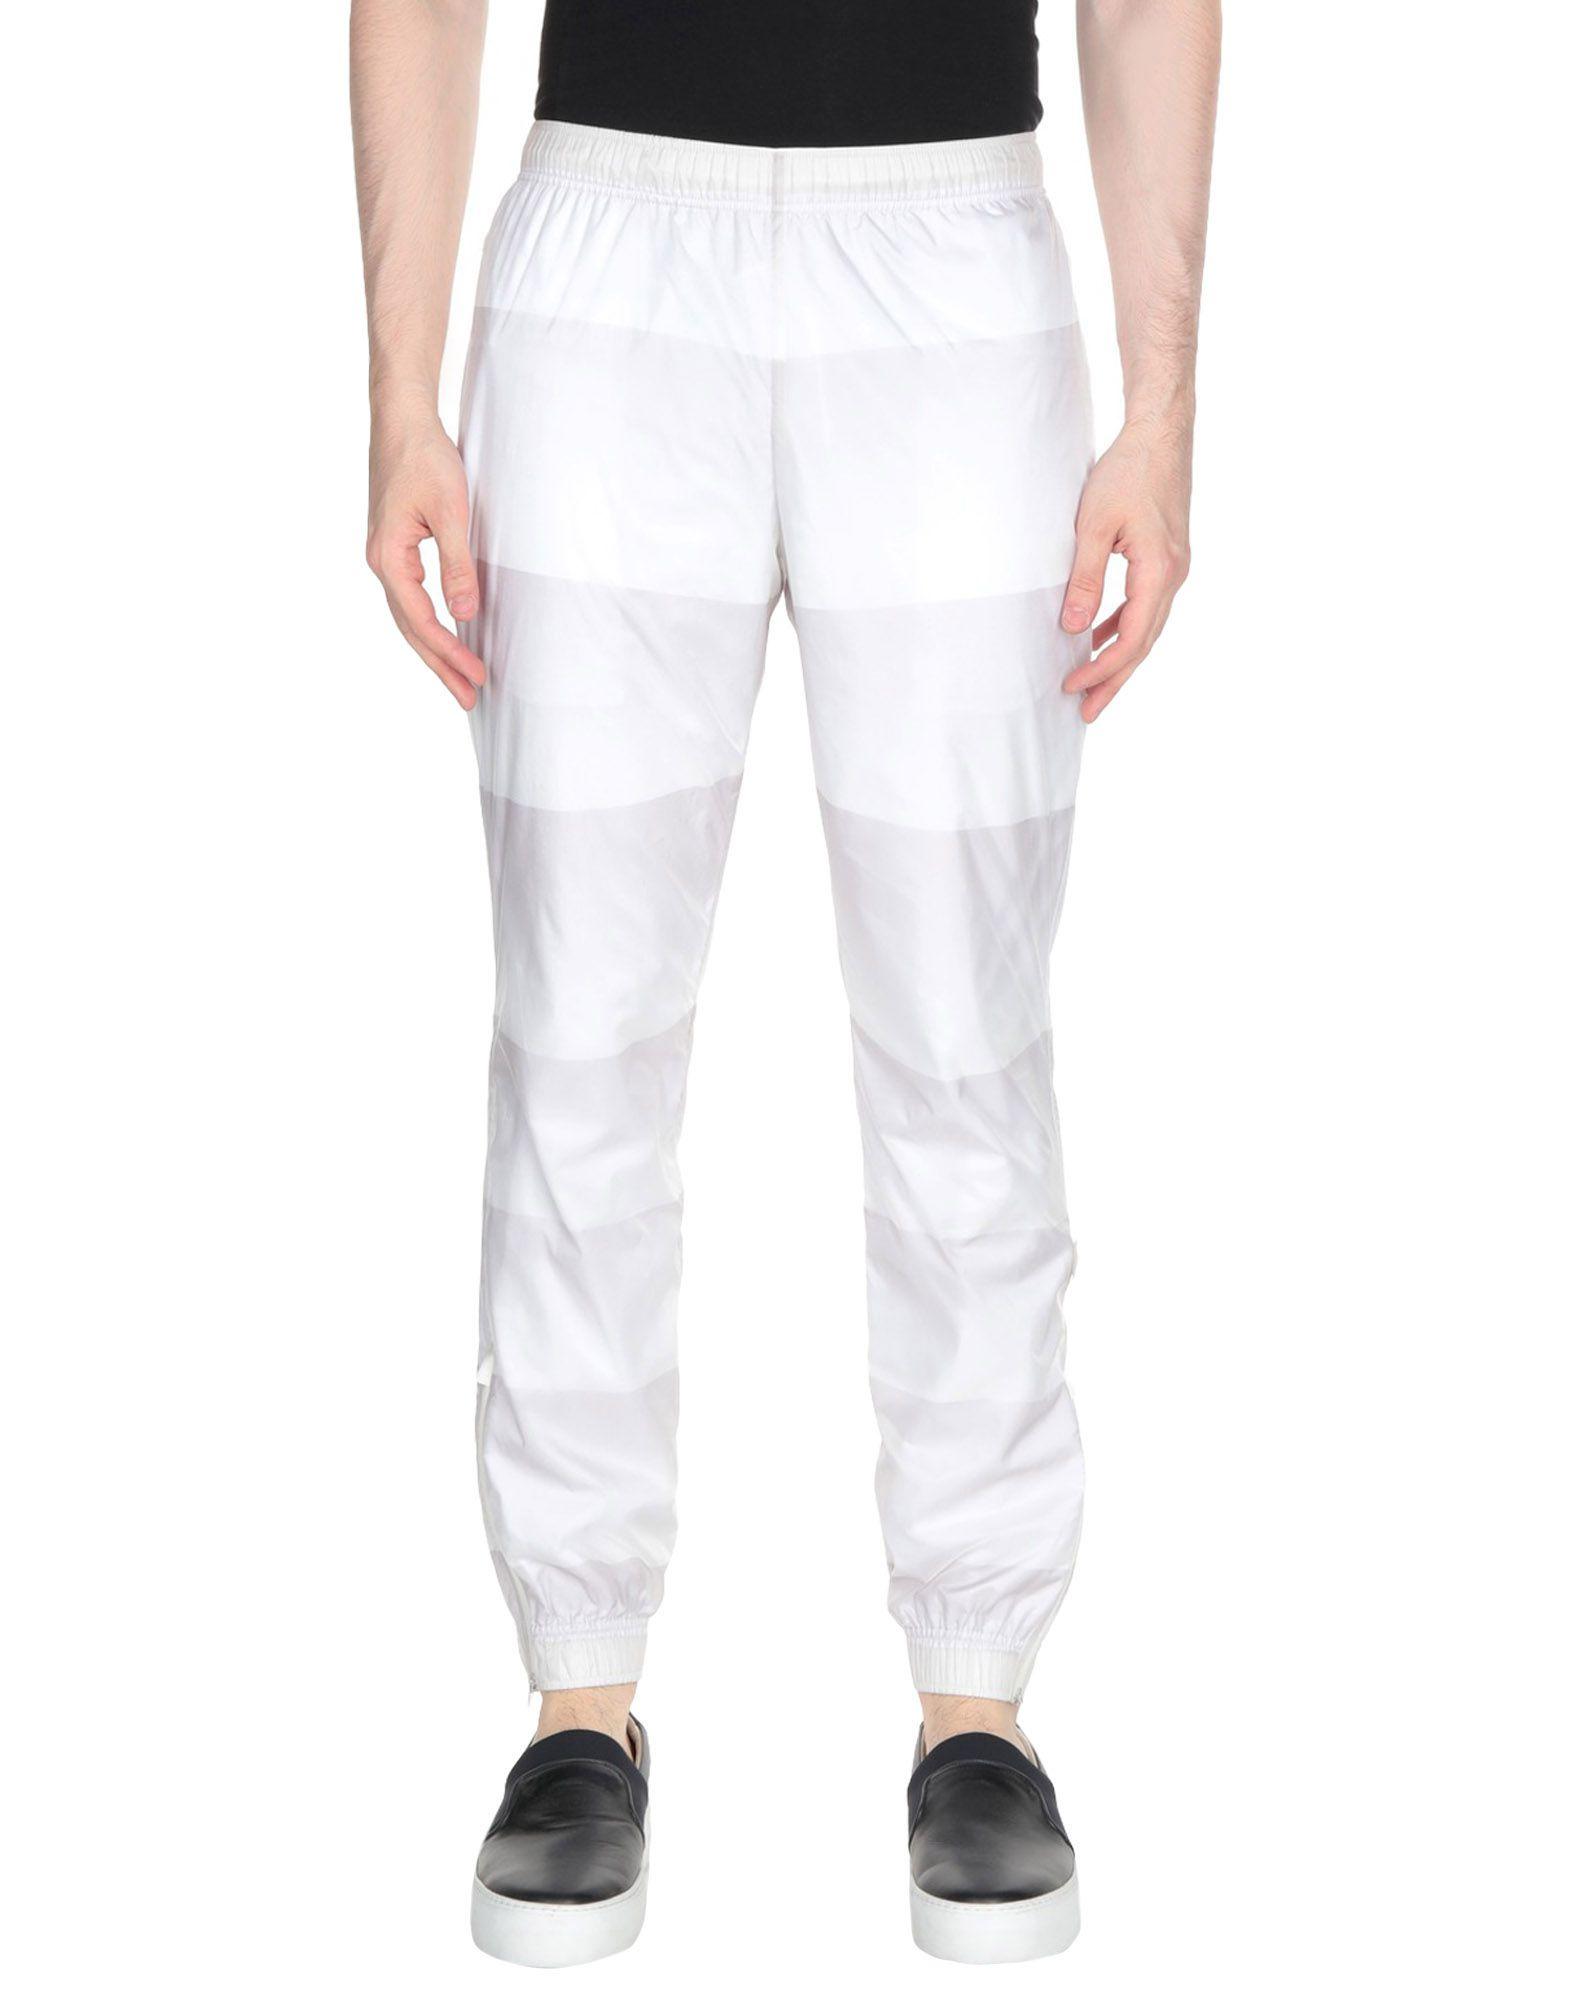 《送料無料》ADIDAS ORIGINALS メンズ パンツ ライトグレー M ナイロン 100%